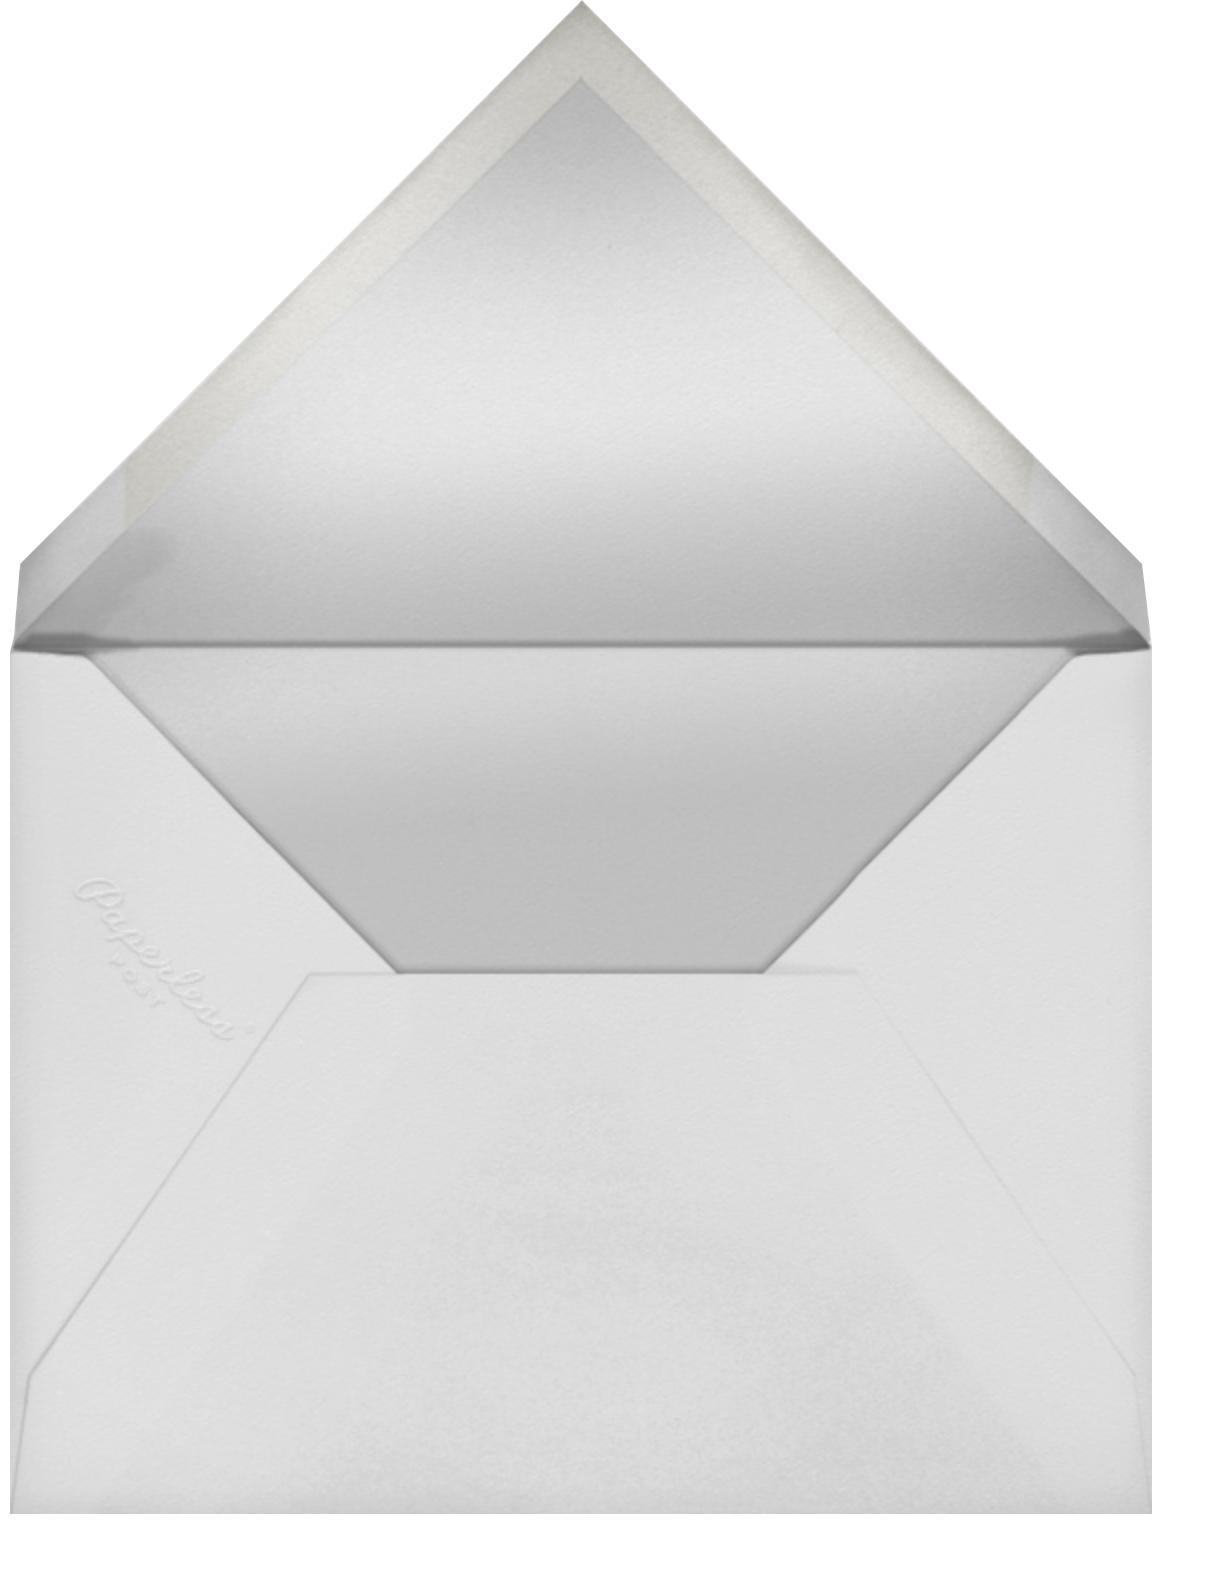 Van Alen Scallop II (Program) - Oscar de la Renta - Menus and programs - envelope back